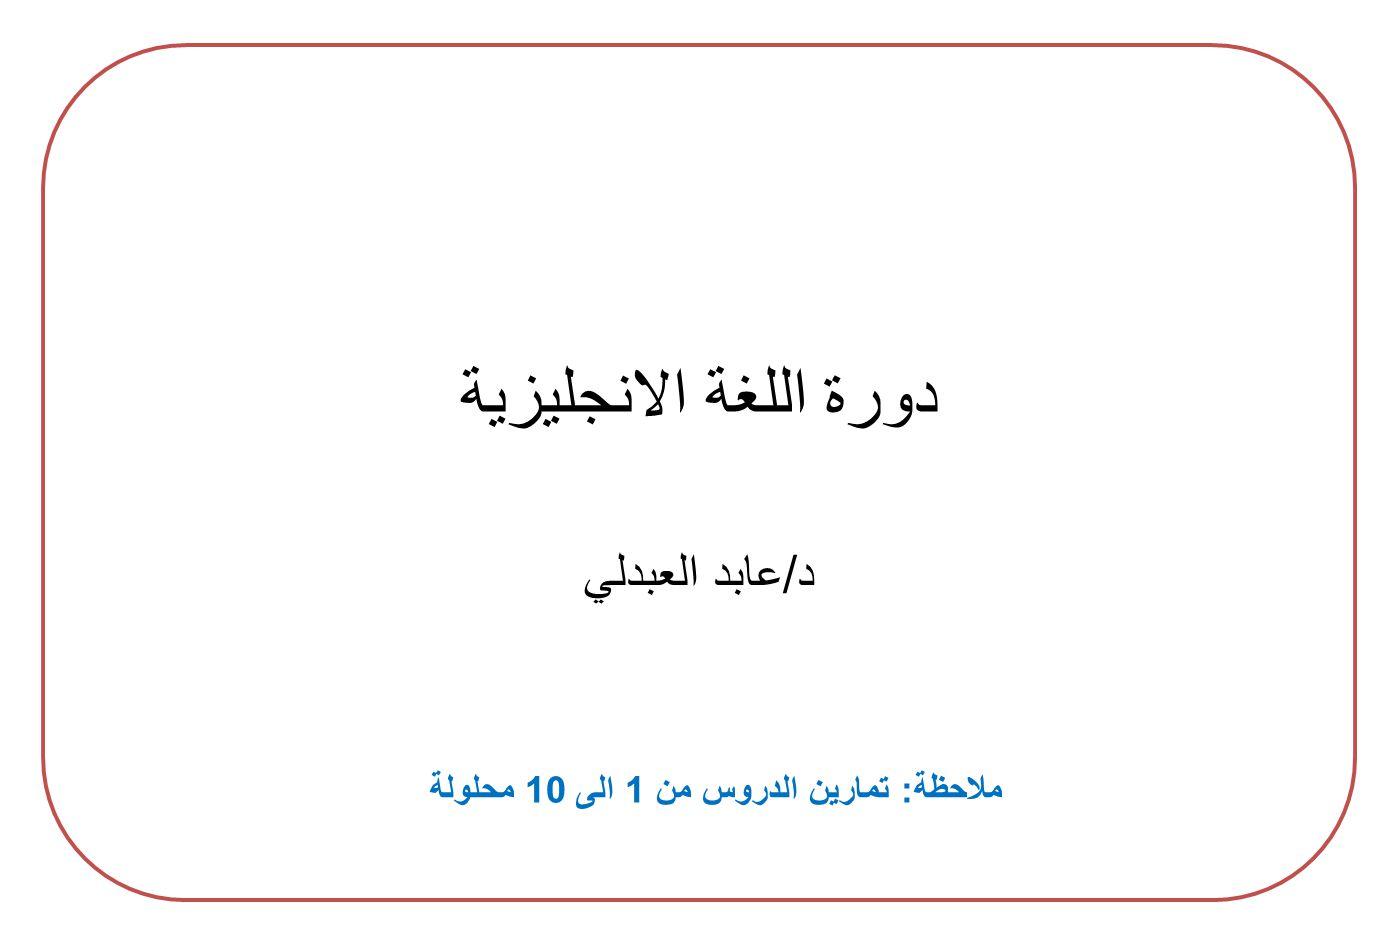 دورة اللغة الانجليزية د / عابد العبدلي ملاحظة : تمارين الدروس من 1 الى 10 محلولة